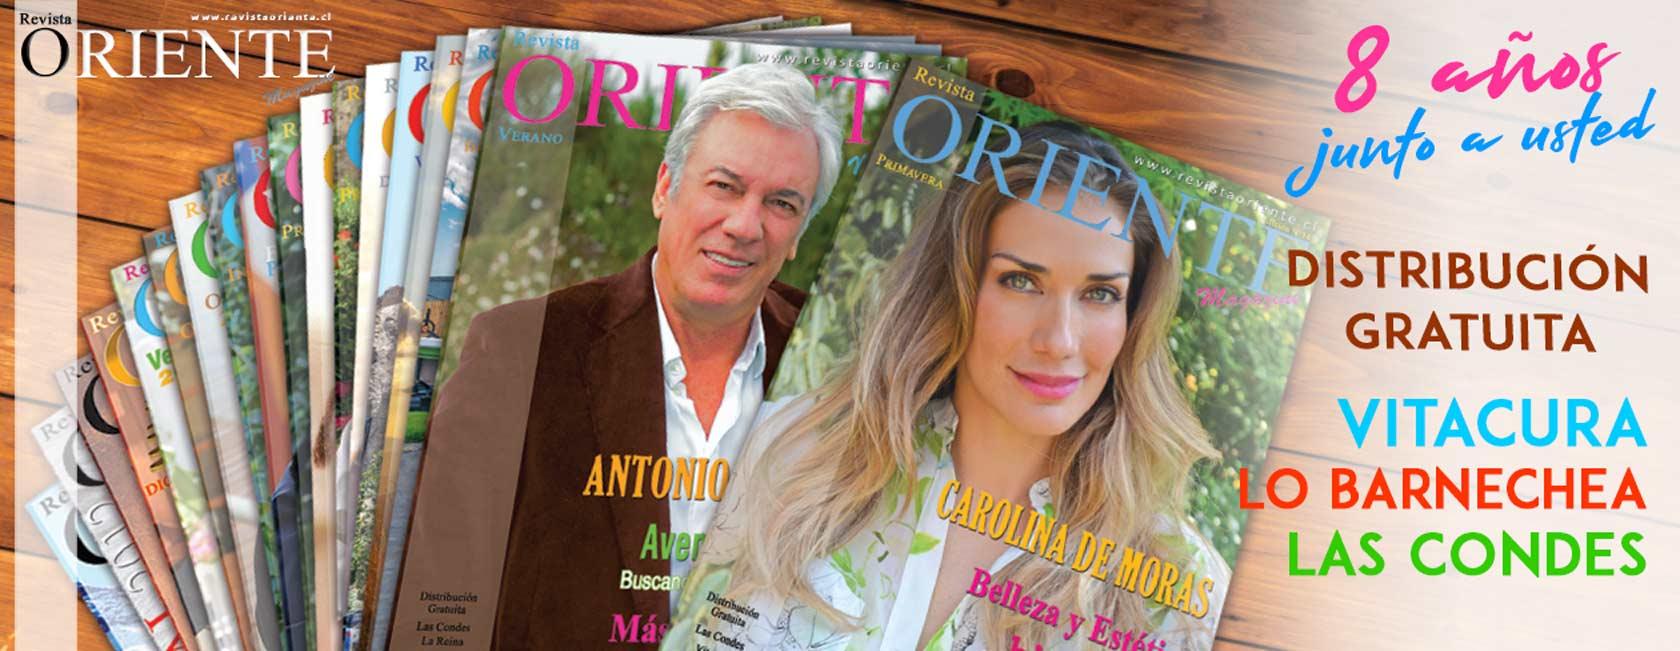 Revista Oriente Distribucion Gratuita Vitacura Las Condes Lo Barnechea